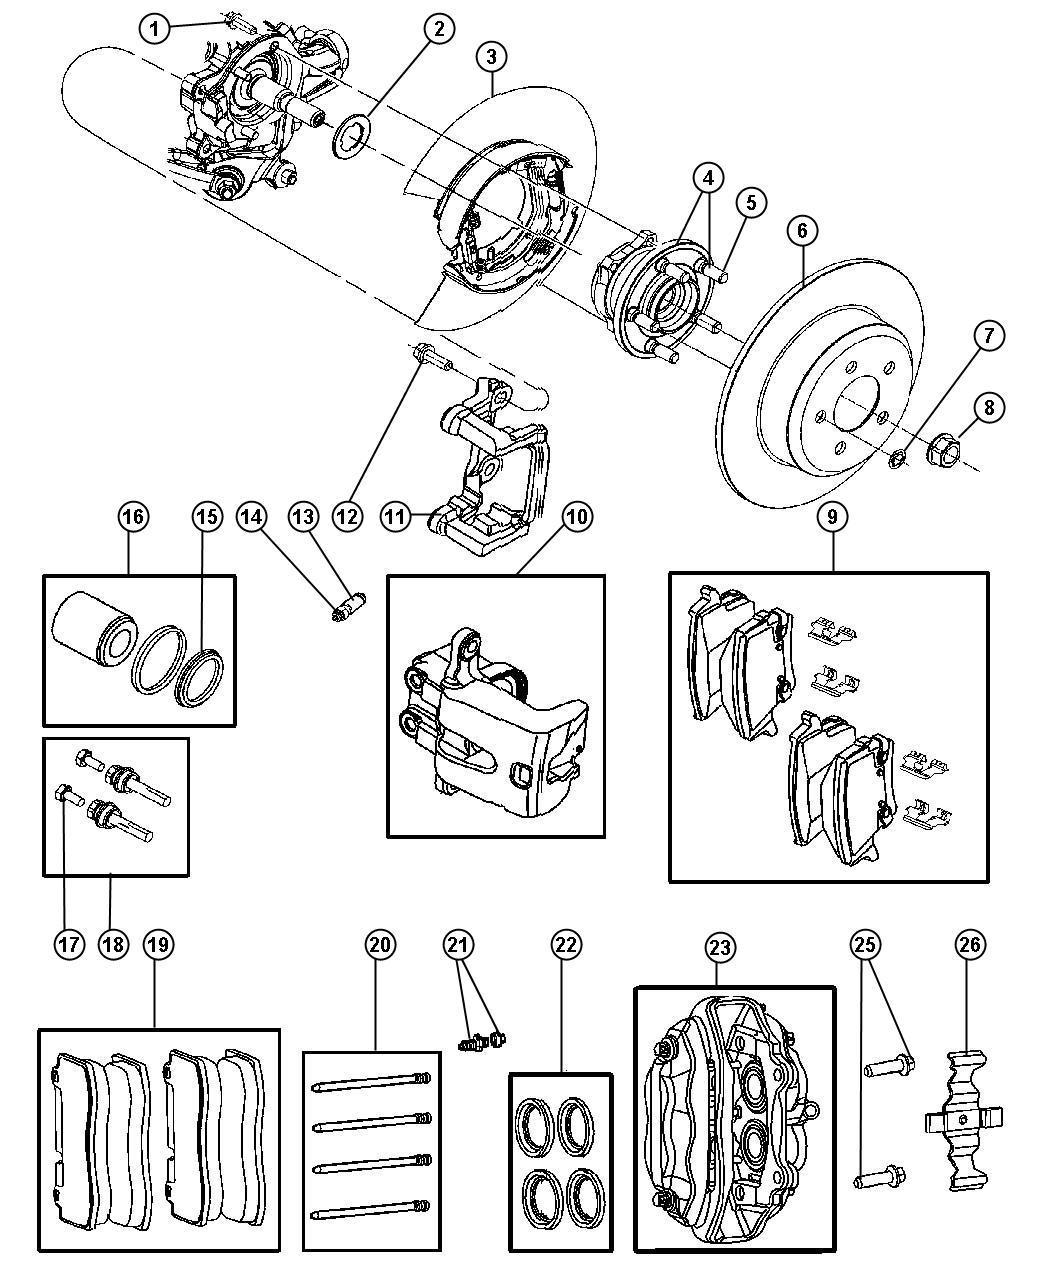 2006 Chrysler 300 SRT8 SRT8 6.1L Hemi SRT V8 Rotor. Brake